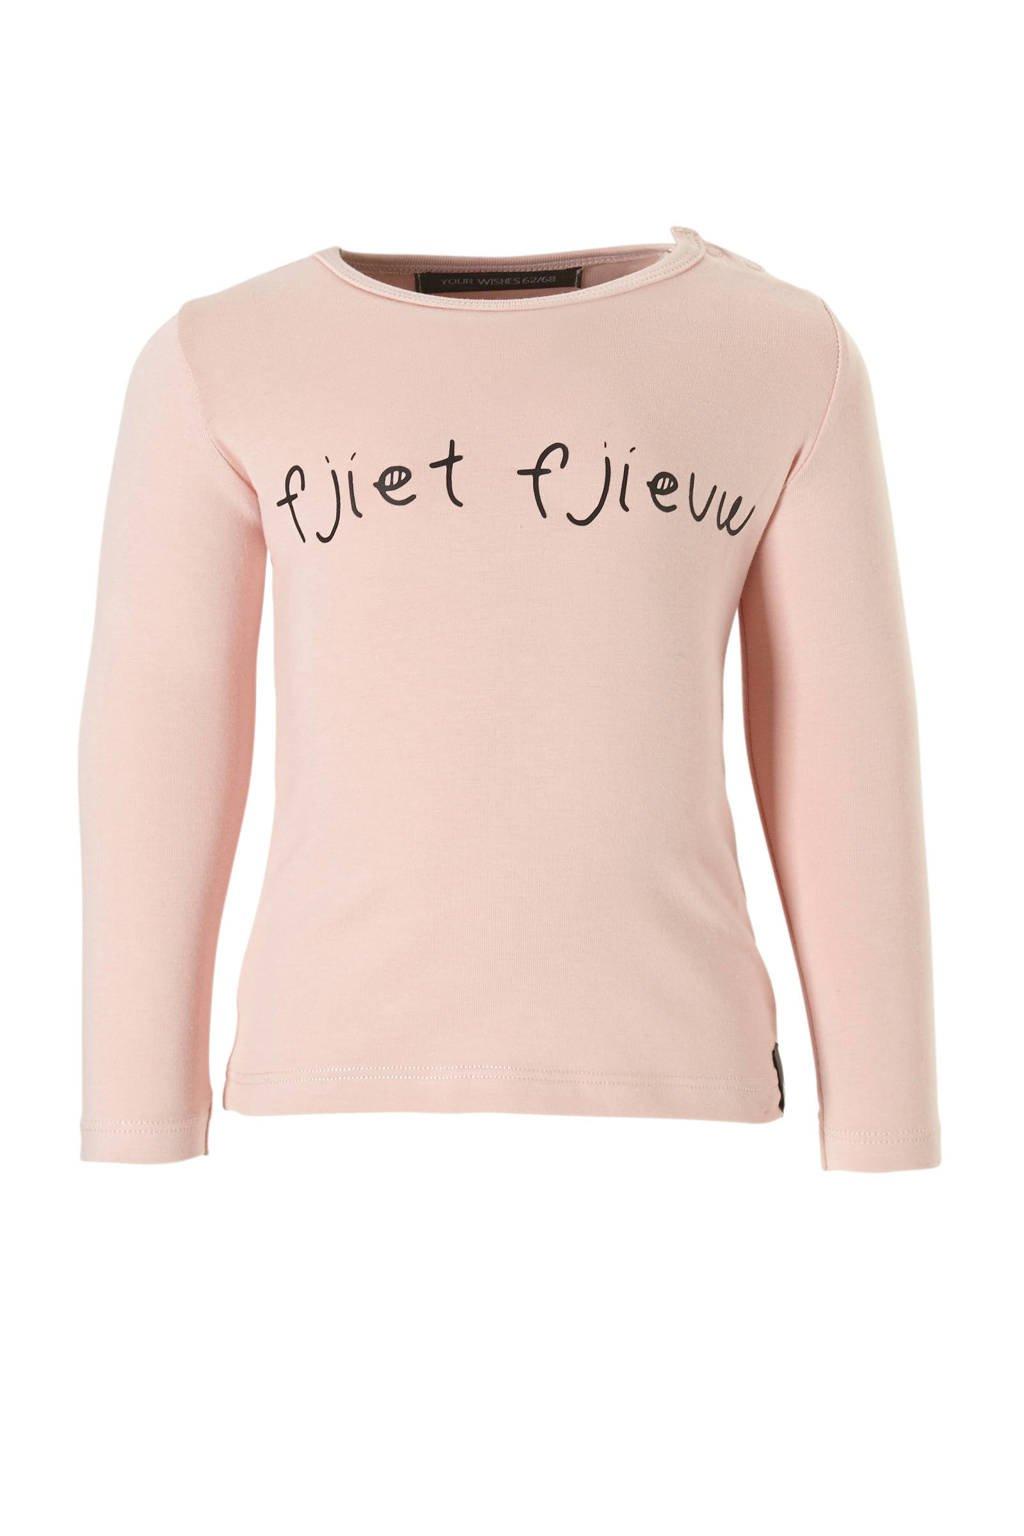 Your Wishes longsleeve Fjiet Fjieuw met tekst roze, Lichtroze